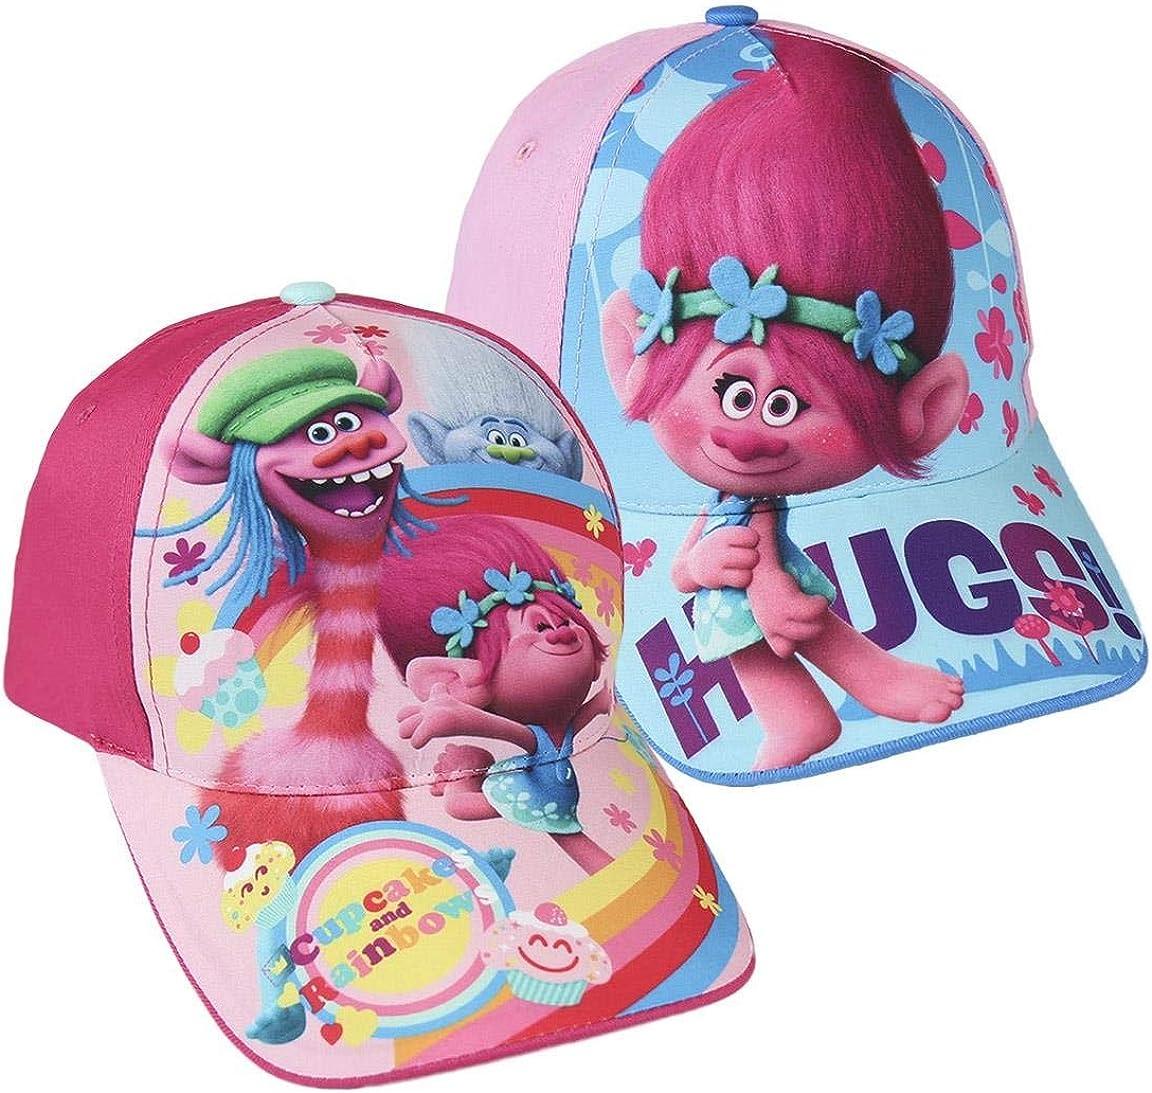 Taglia 53 Bimbo Trolls S0709168 Cappello Fucsia